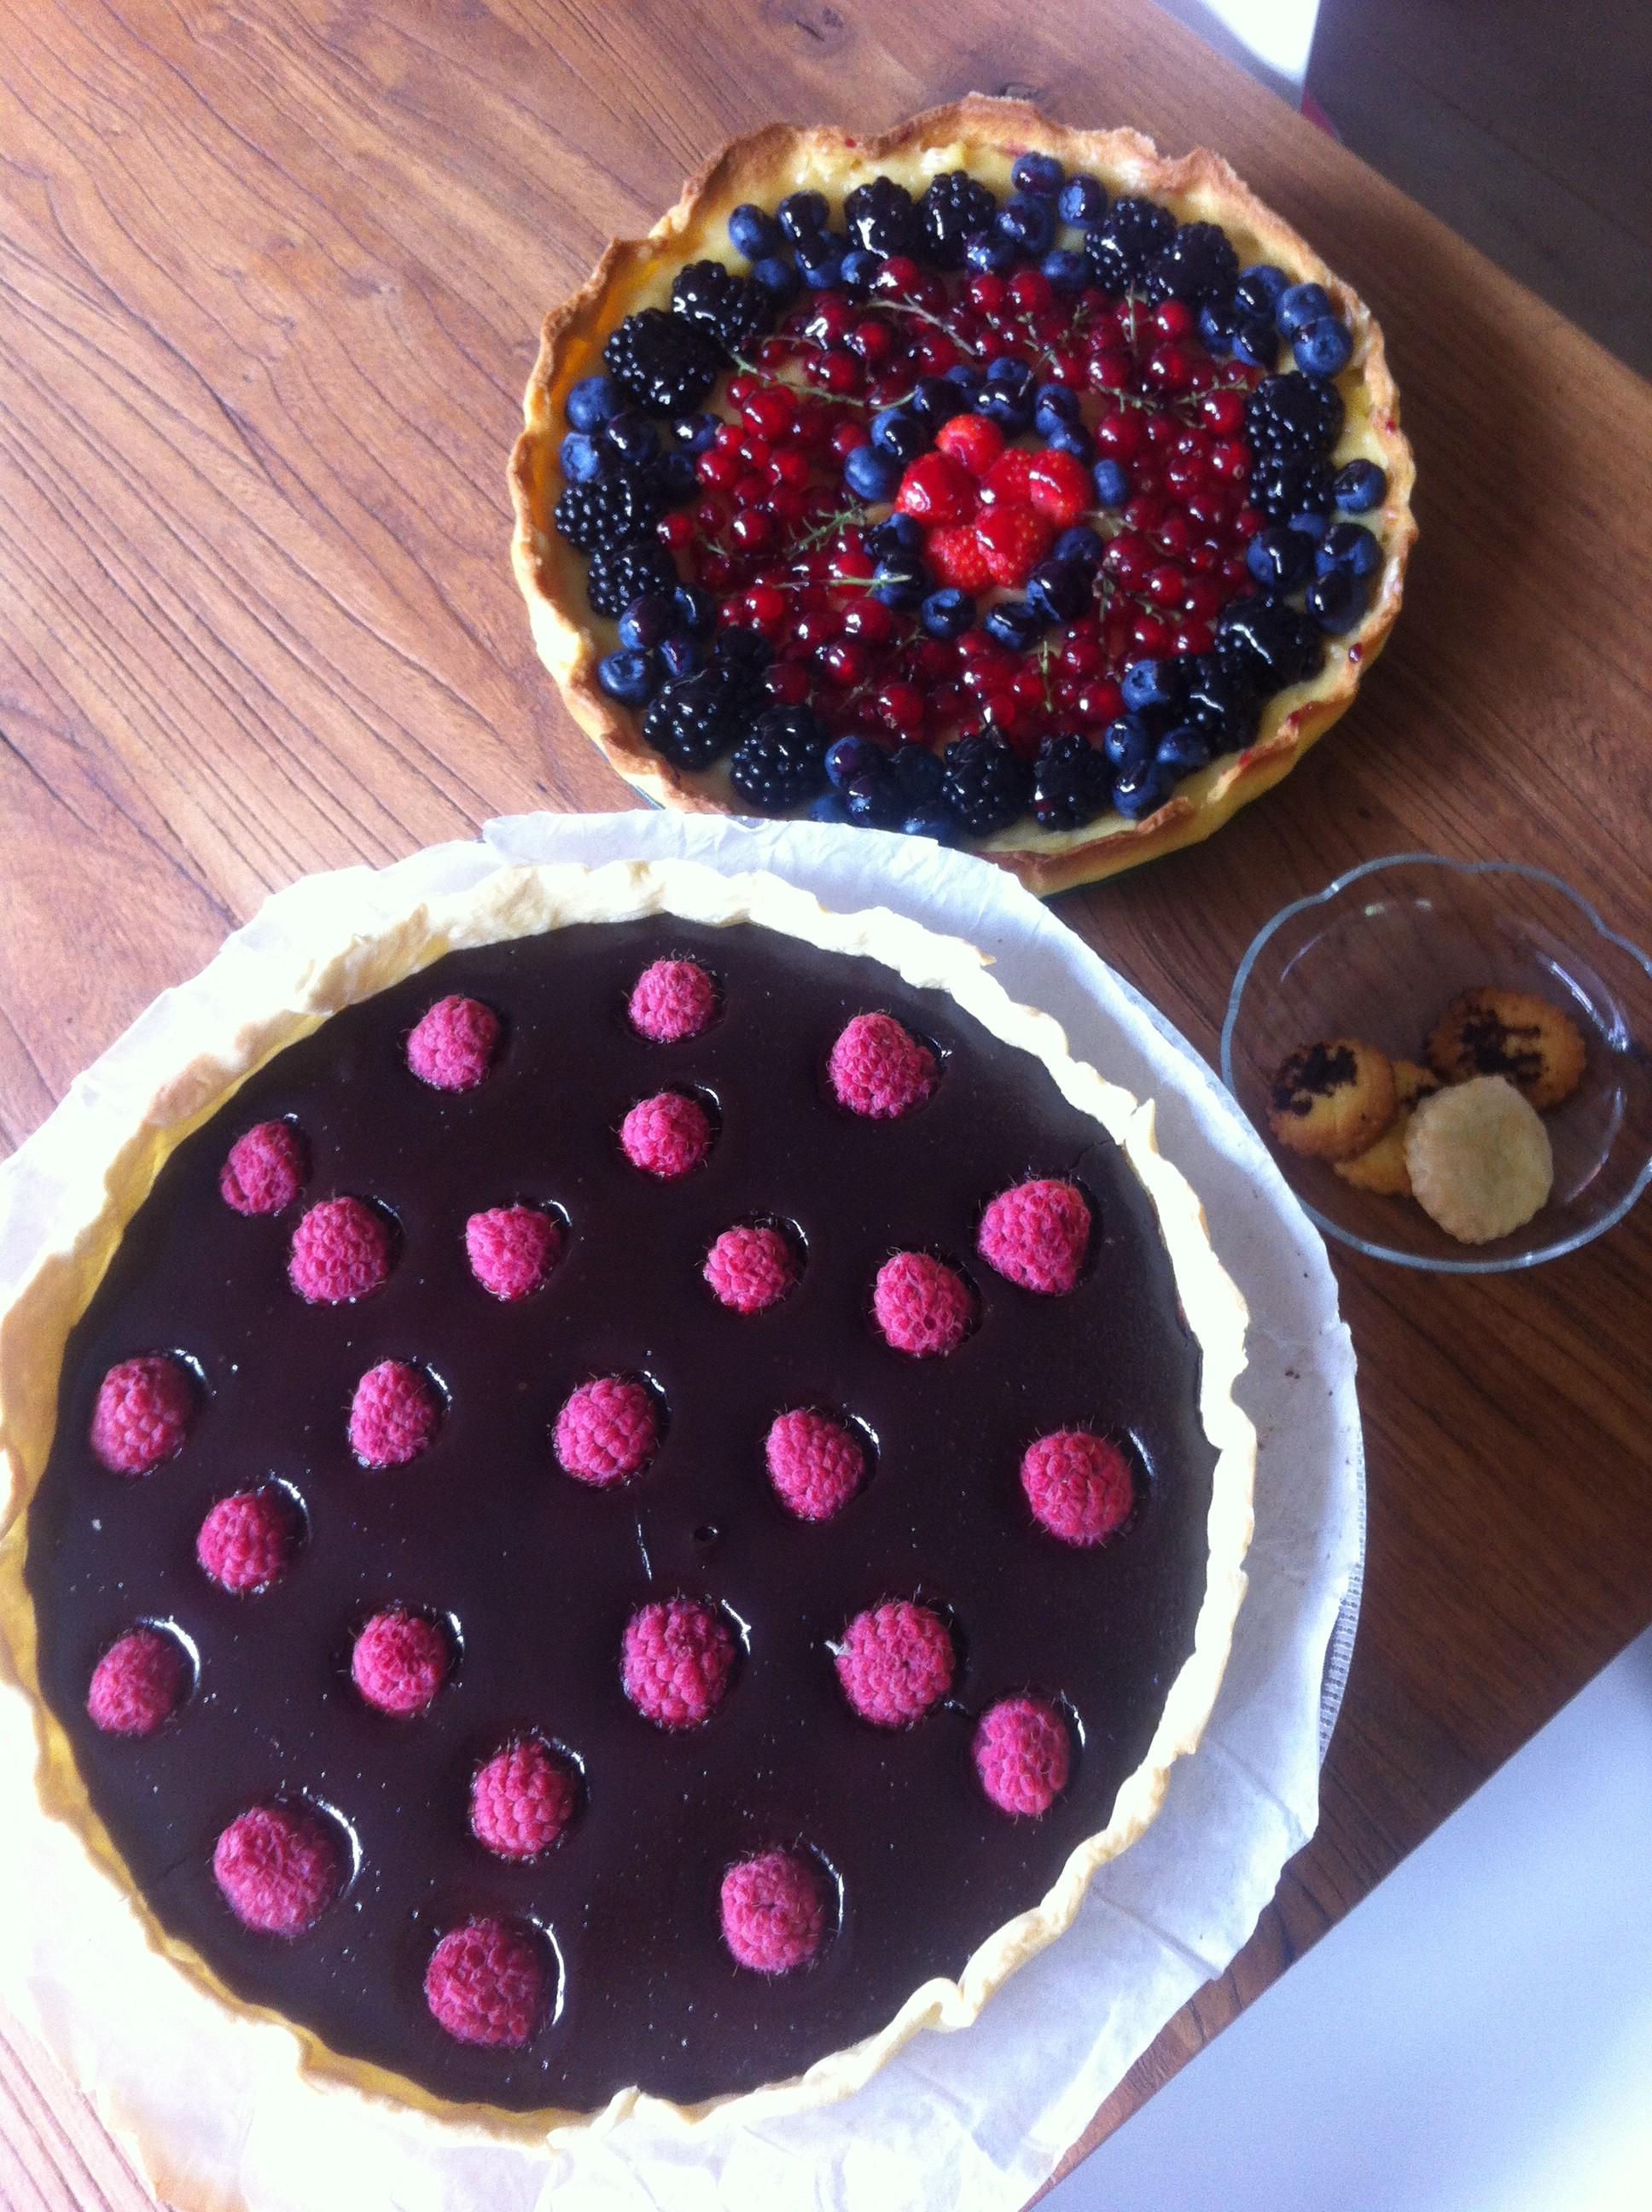 Franse taarten | more #recepies at www.notafraidofbutter.nl